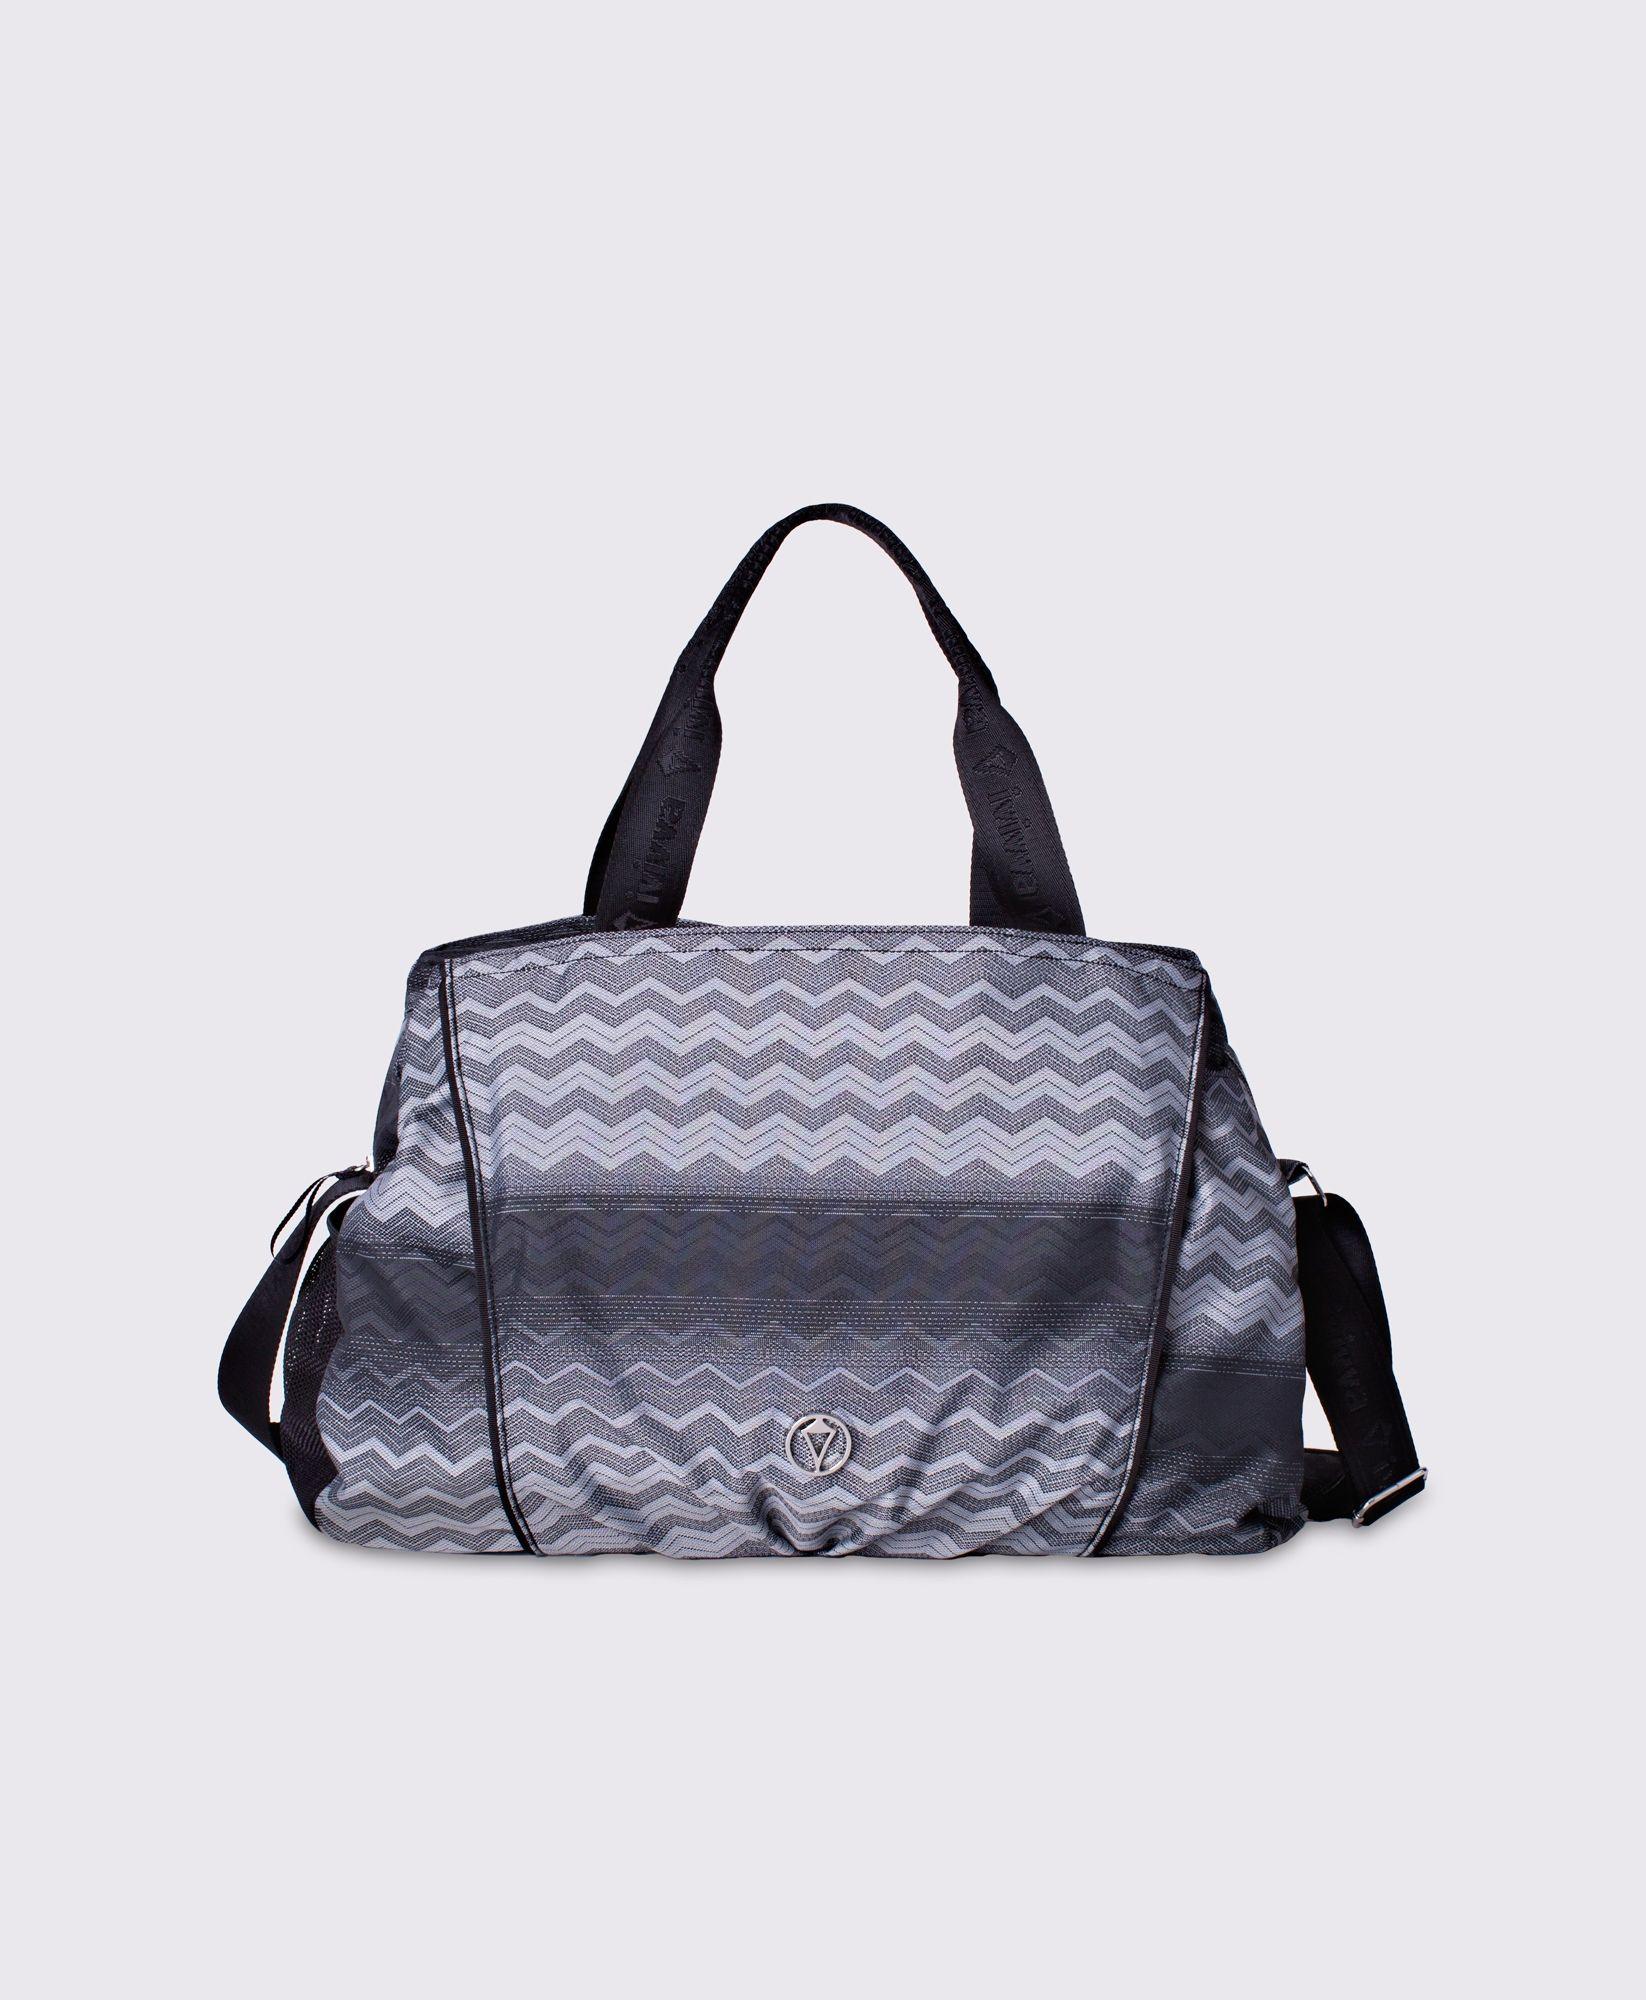 1eff9520e9bb strong pointe bag